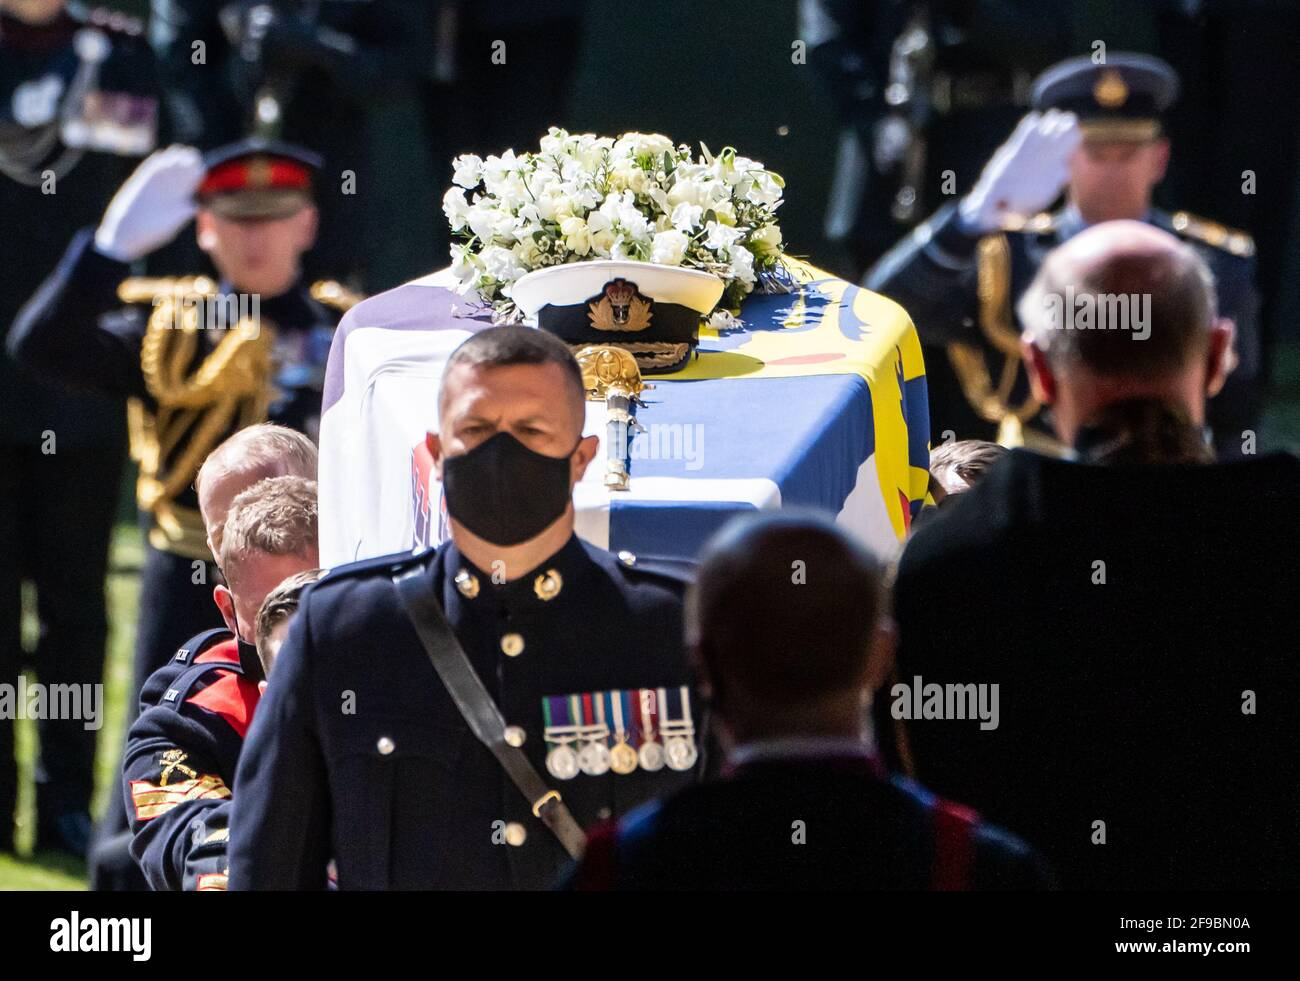 Les porteurs de Pall portant le cercueil dans la chapelle lors des funérailles du duc d'Édimbourg dans la chapelle Saint-Georges, château de Windsor, Berkshire. Date de la photo: Samedi 17 avril 2021. Banque D'Images